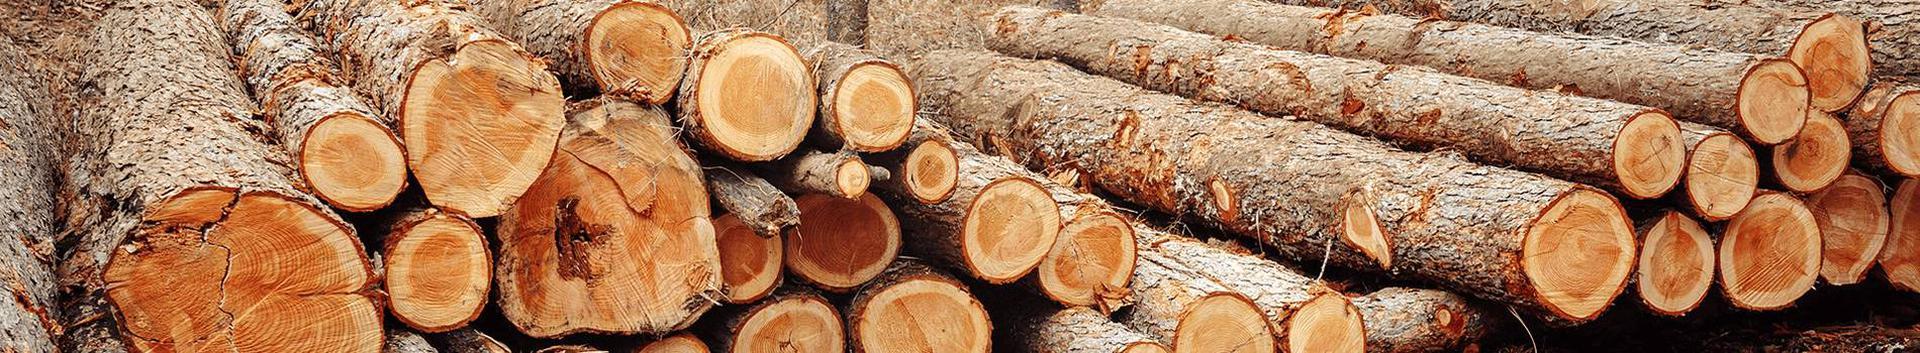 metsatööd, puidu- ja paberitööstus, hanketeenused teistele ettevõtetele, allhanketeenused (ärialane abi), äriinfo, turu-uuringud, äriuuringud, majandusprognoosid, äritegevuse hindamine, äriteave ja klientide nõustamine